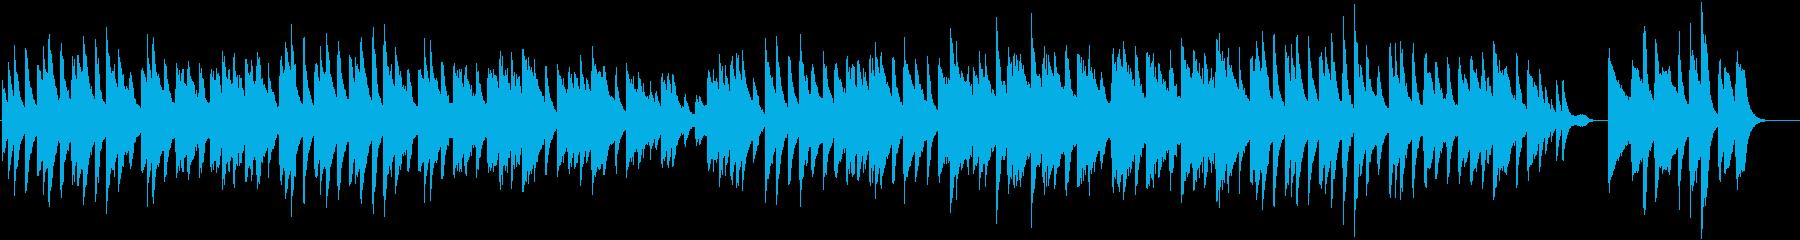 のどかで可愛いらしい春ワルツピアノBGMの再生済みの波形